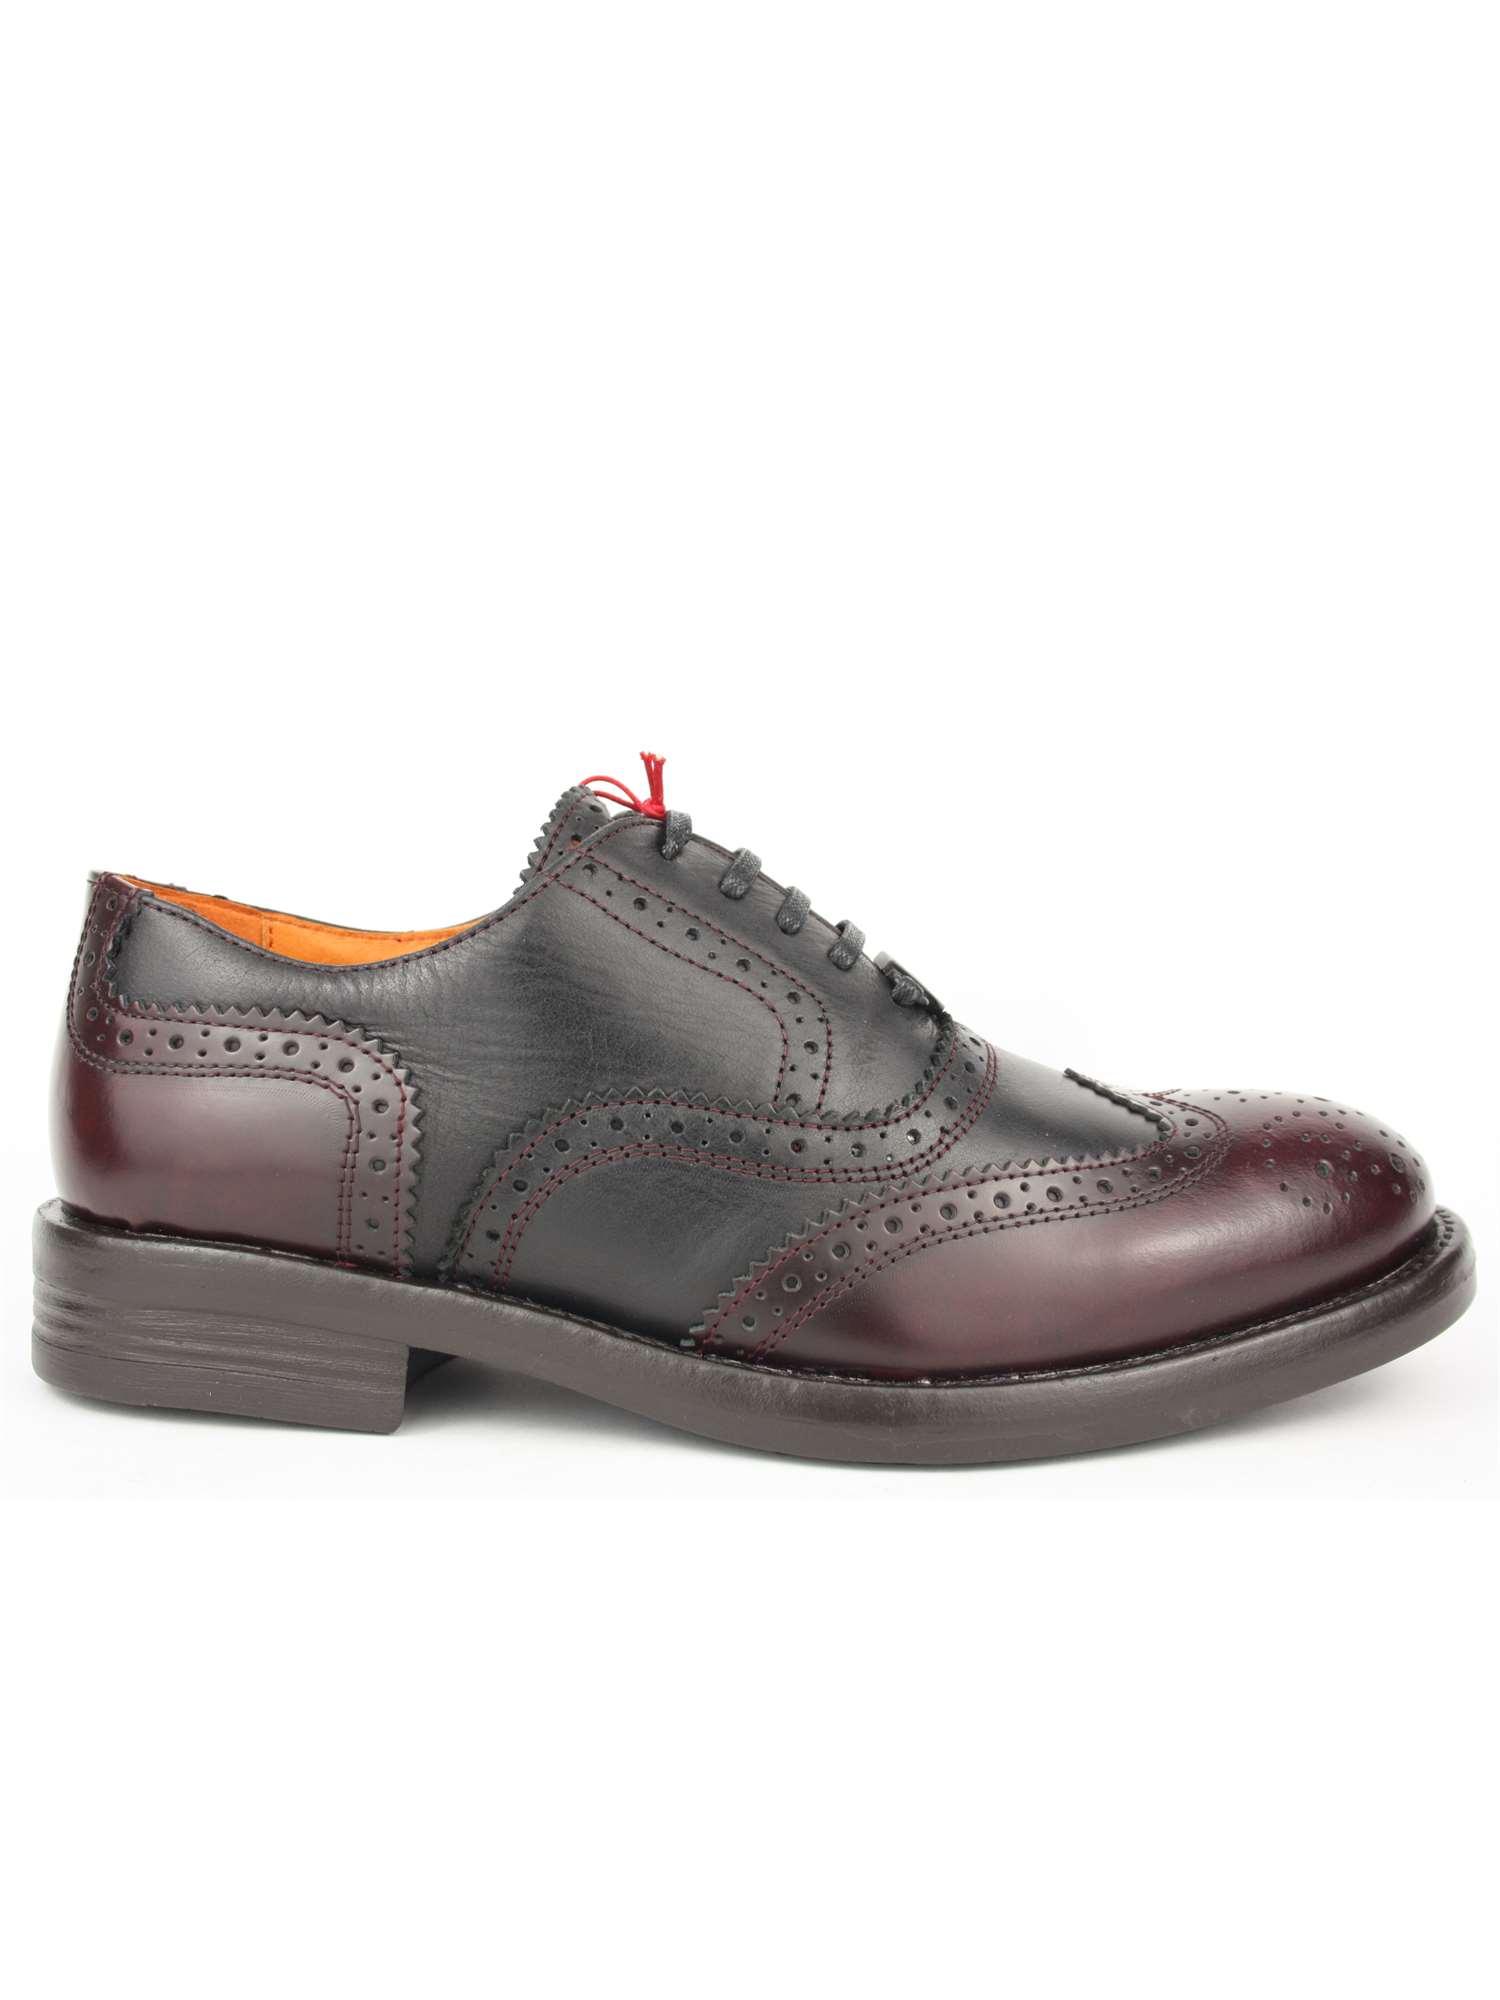 premium selection f3308 7d5e9 Ambitious Shoes 7821 Bicolore Scarpe Uomo